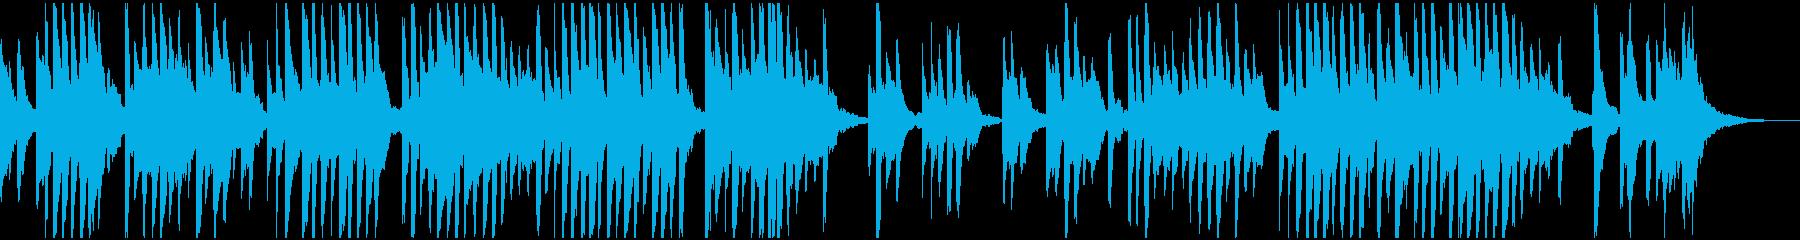 和風の悲しめな曲の再生済みの波形